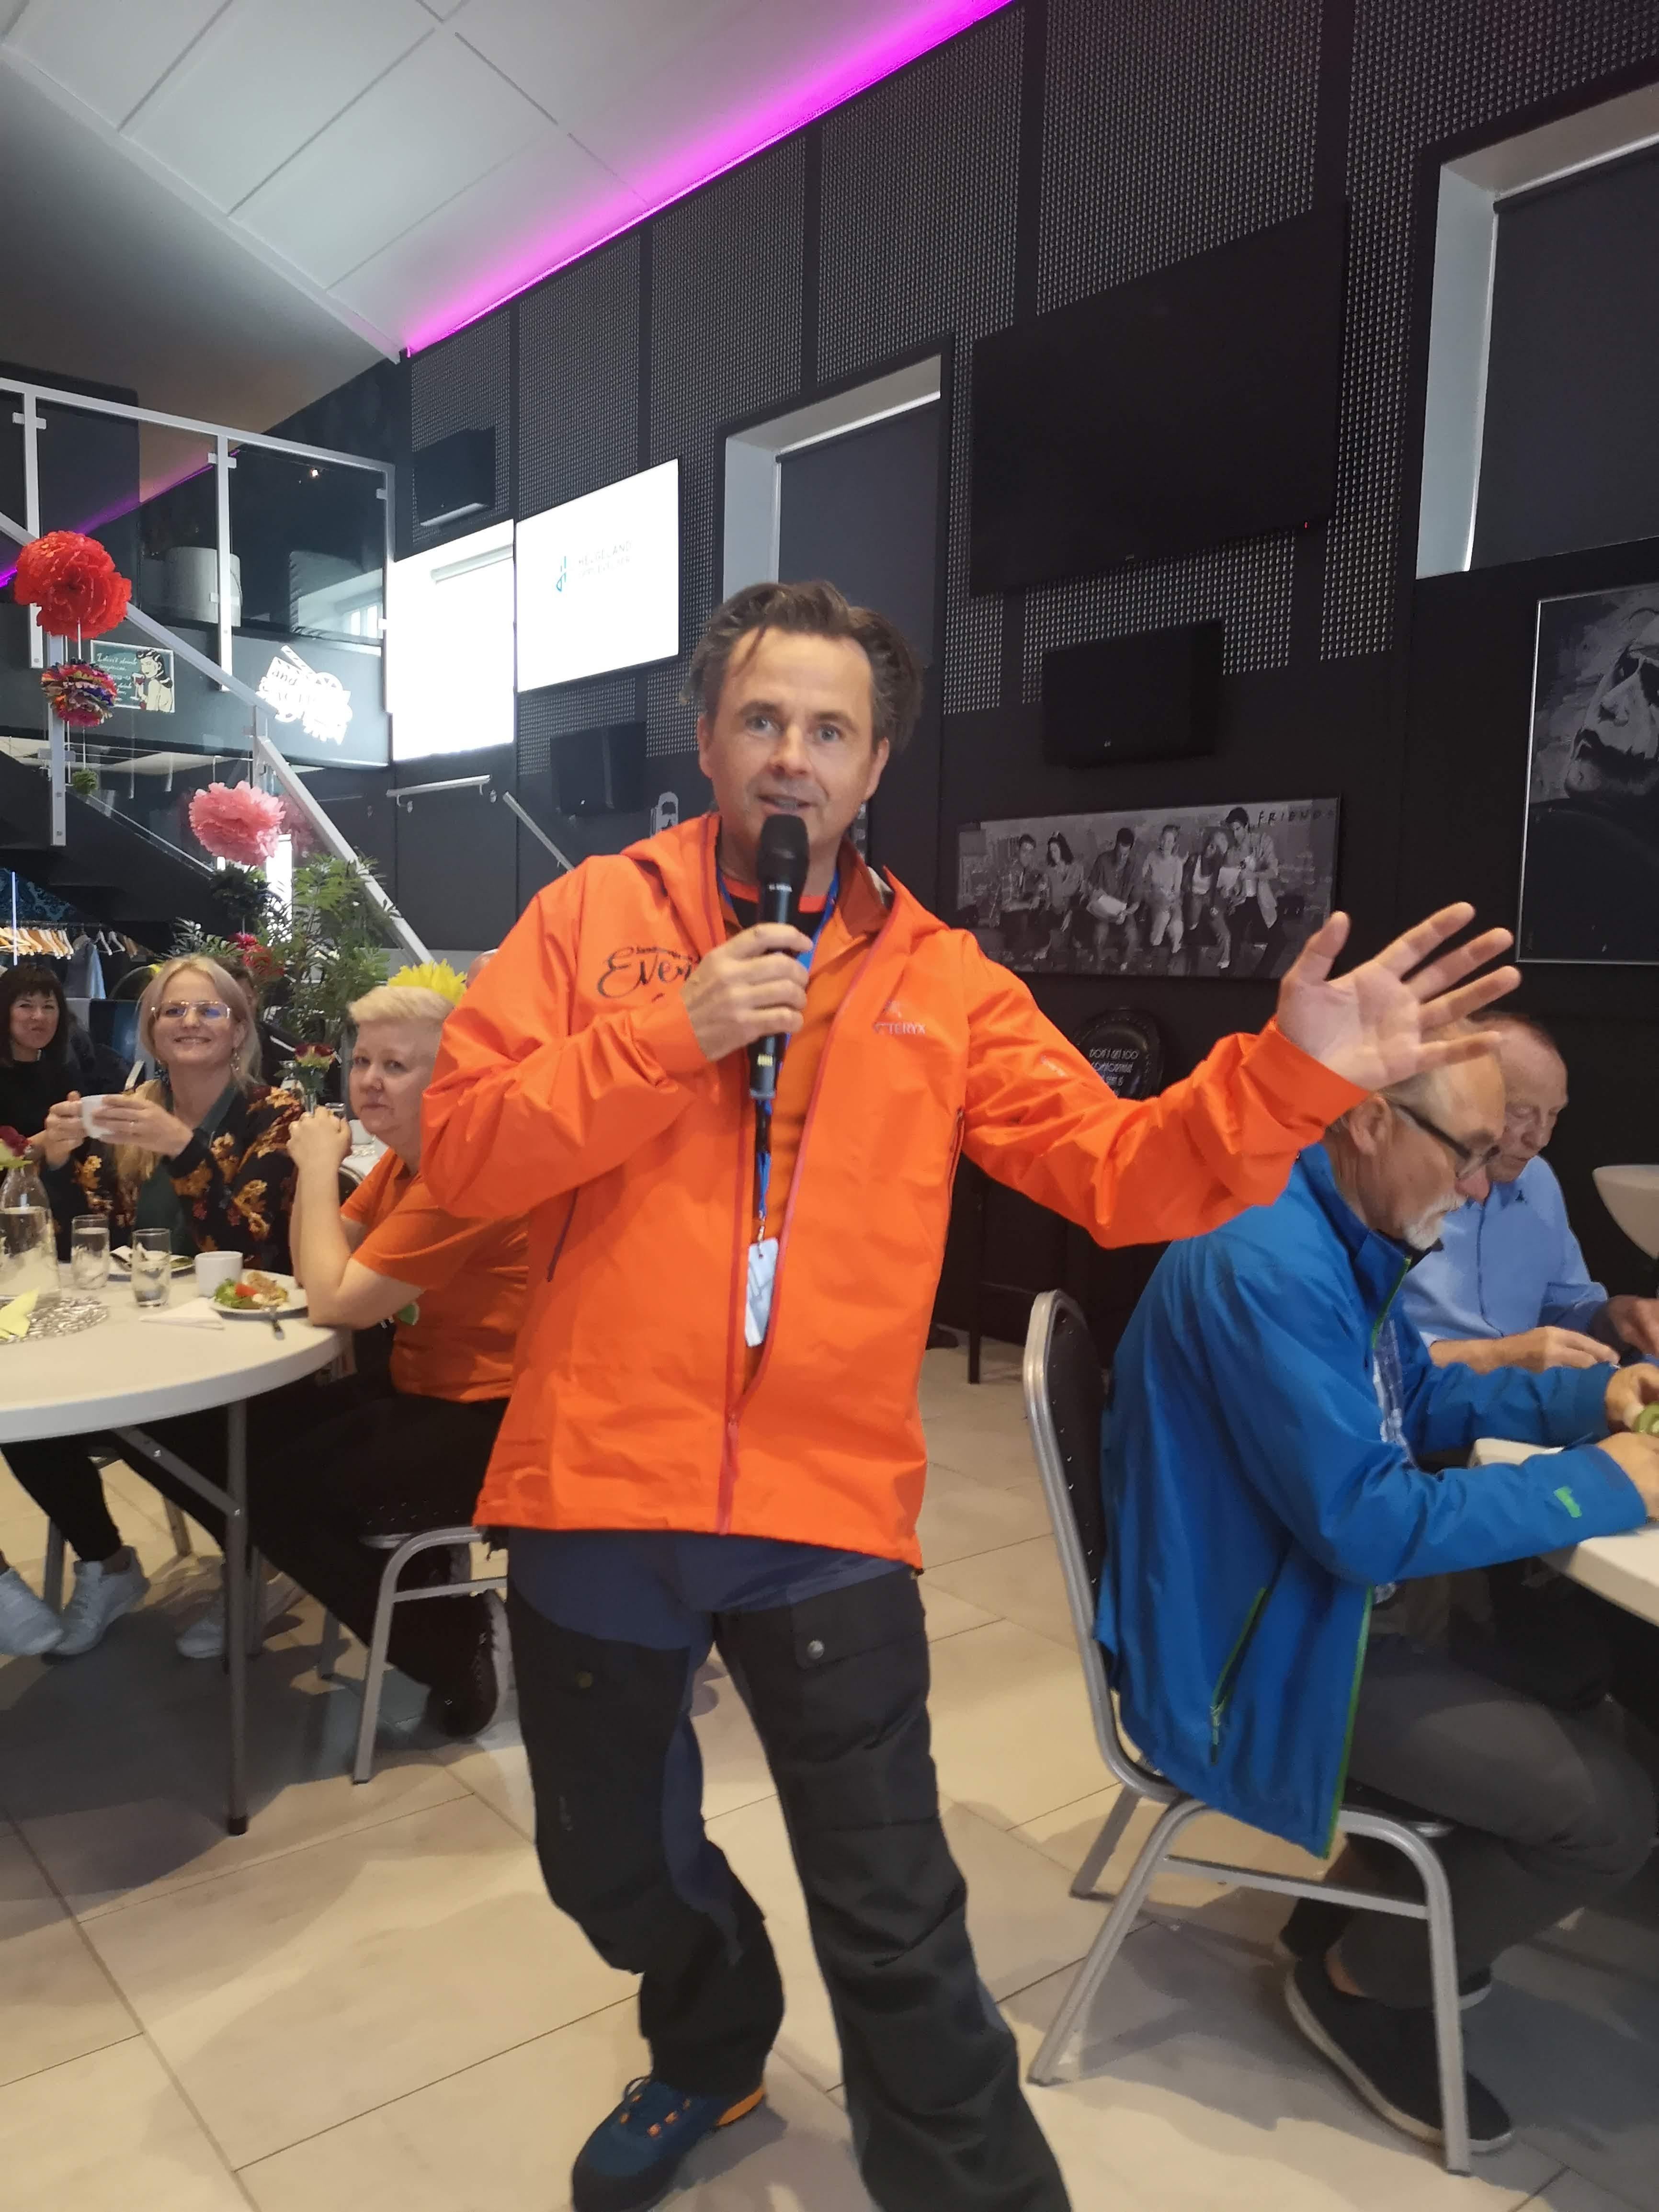 Odd Petter Leknes